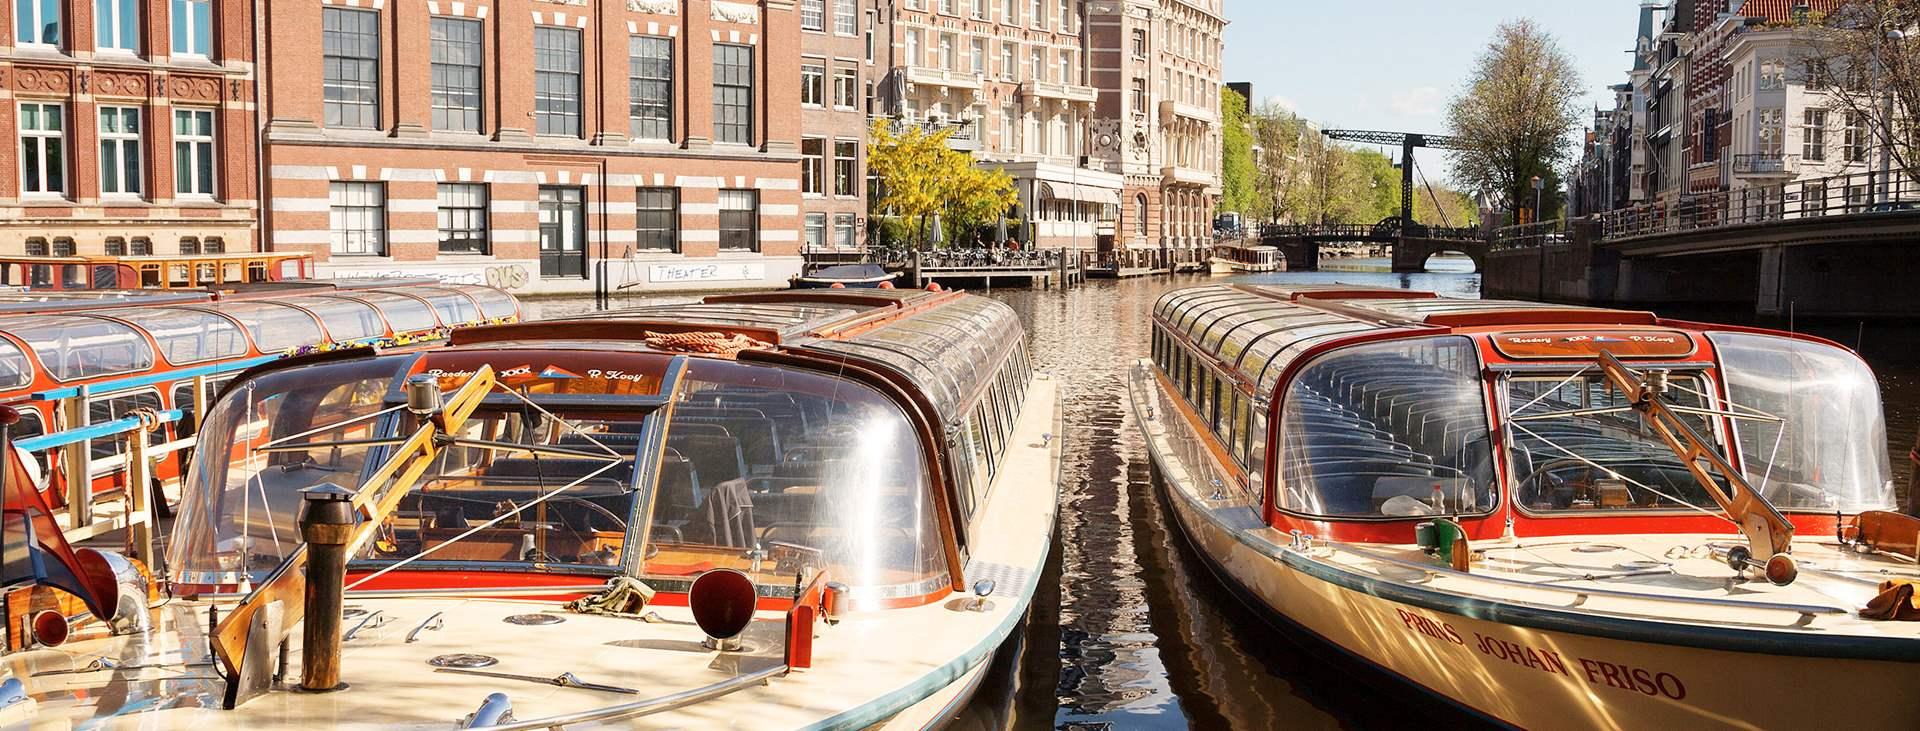 Bestill en helgetur med fly og hotell til Nederland